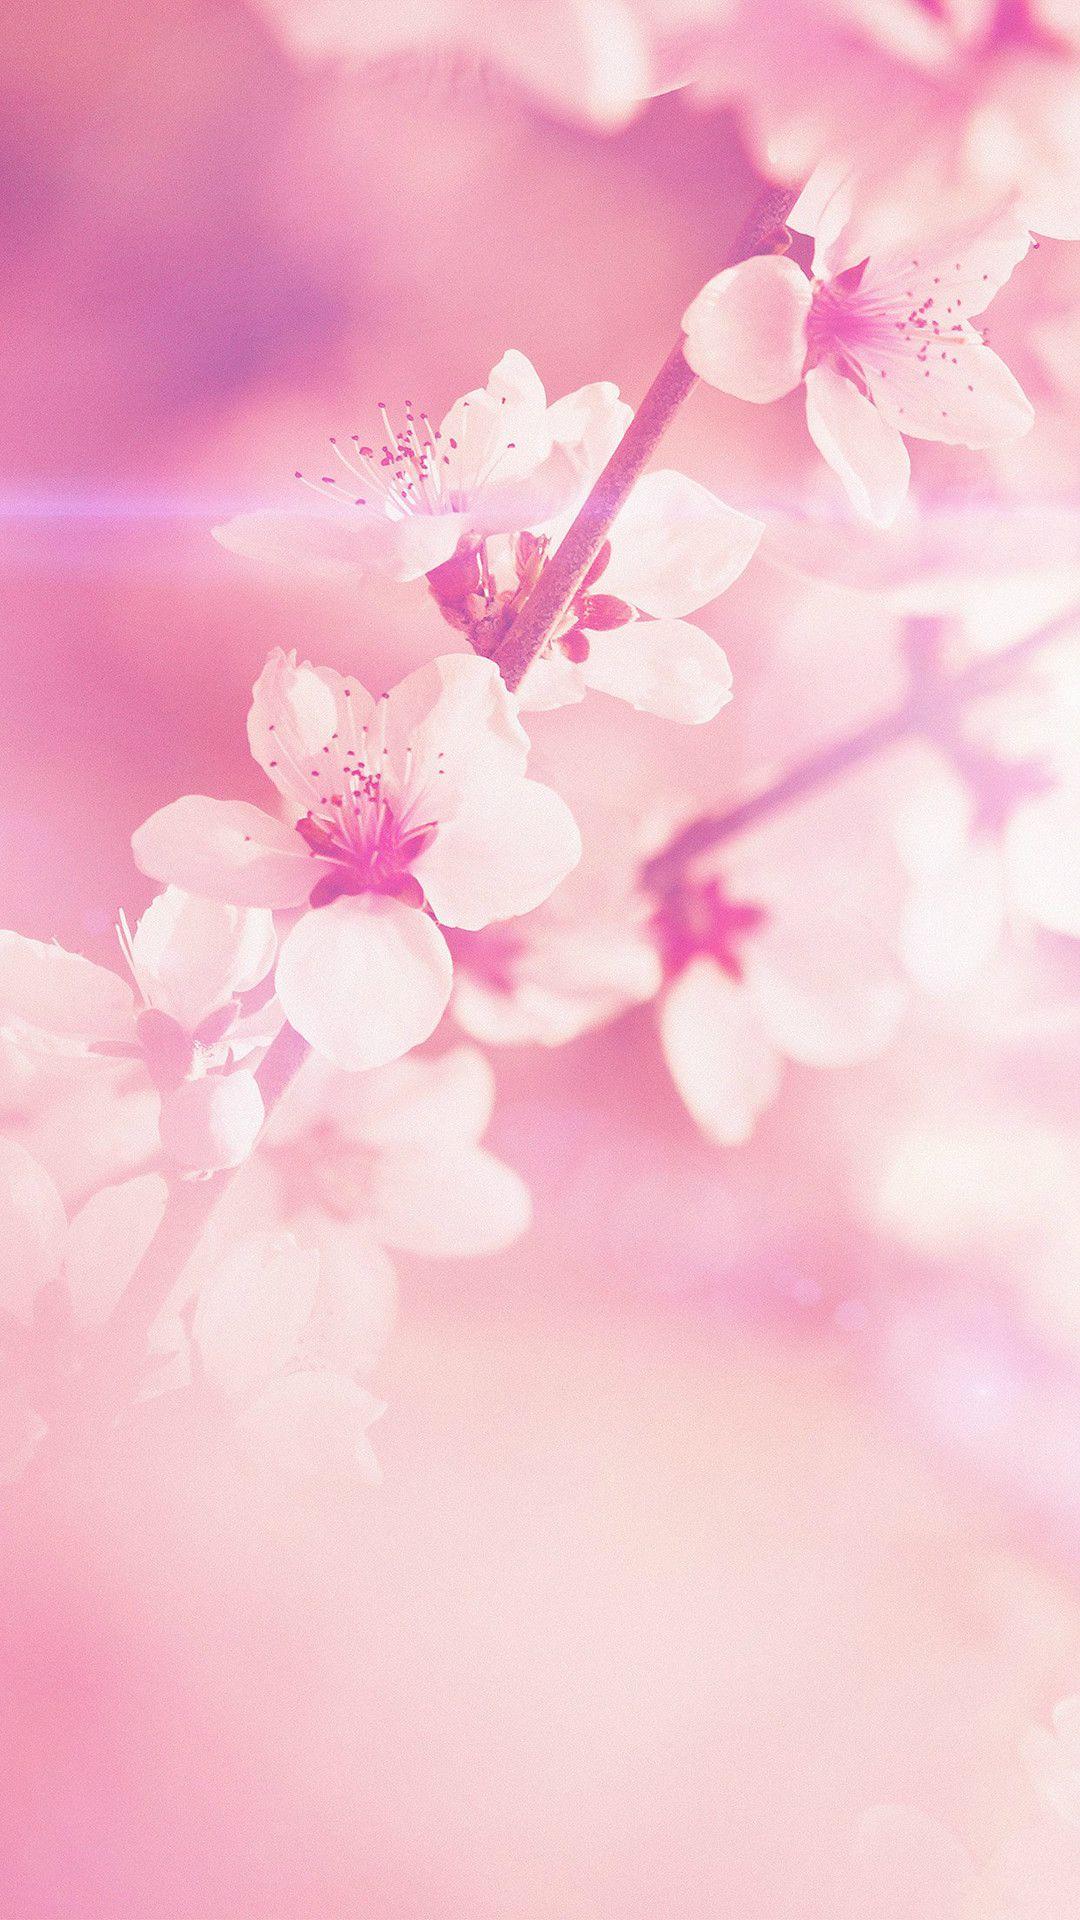 人気27位 春の桜の花 桜の壁紙 花 壁紙 桜 壁紙